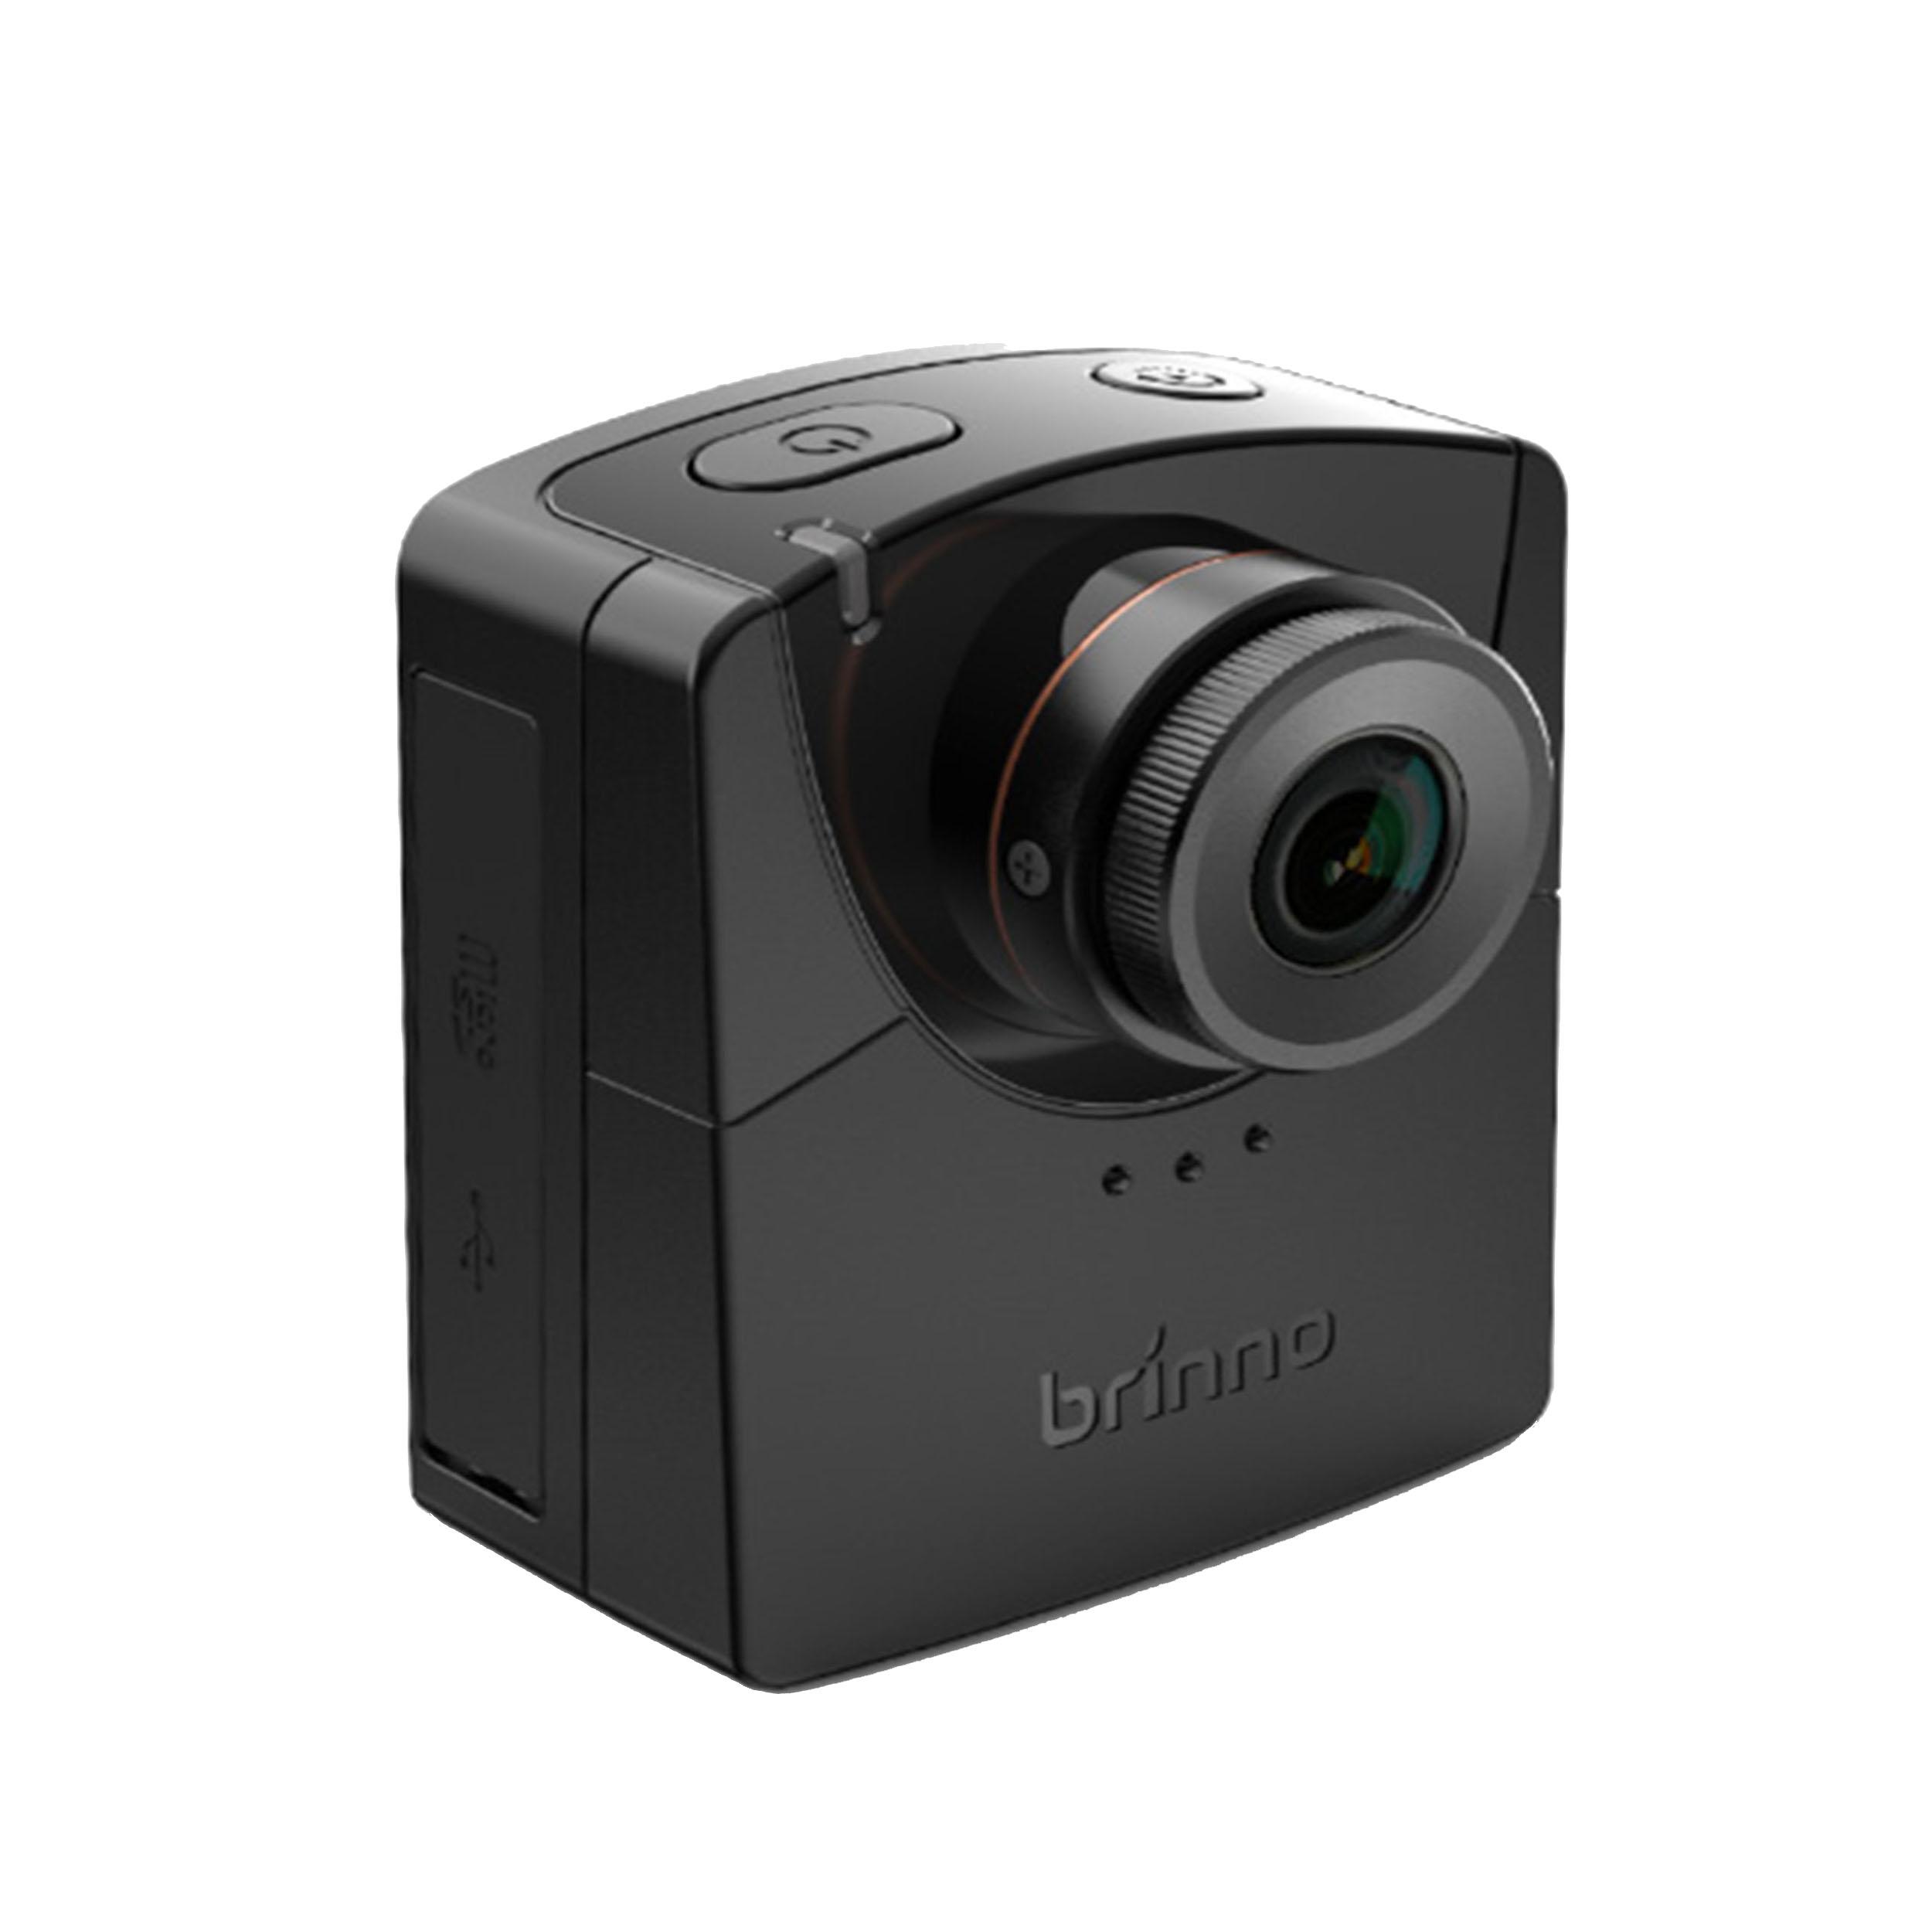 دوربین تایم لپس برینو مدل TLC2000